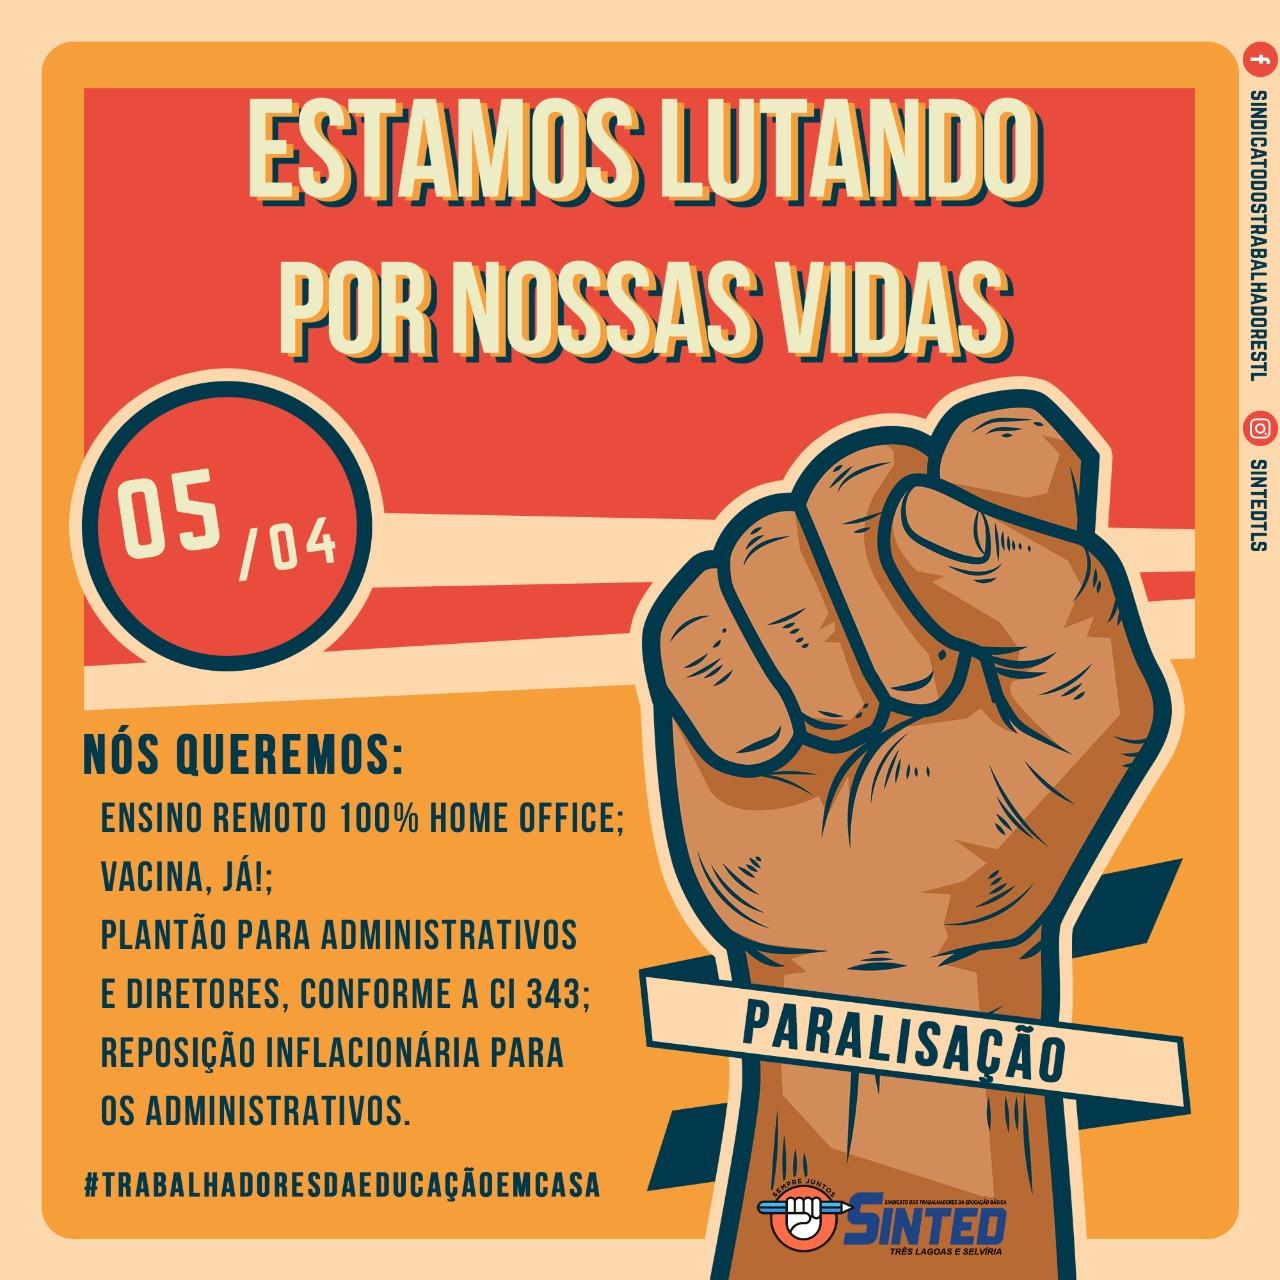 EM DEFESA DA VIDA, TRABALHADORES DA EDUCAÇÃO PARALISAM AS ATIVIDADES NESTA SEGUNDA-FEIRA (05) 6